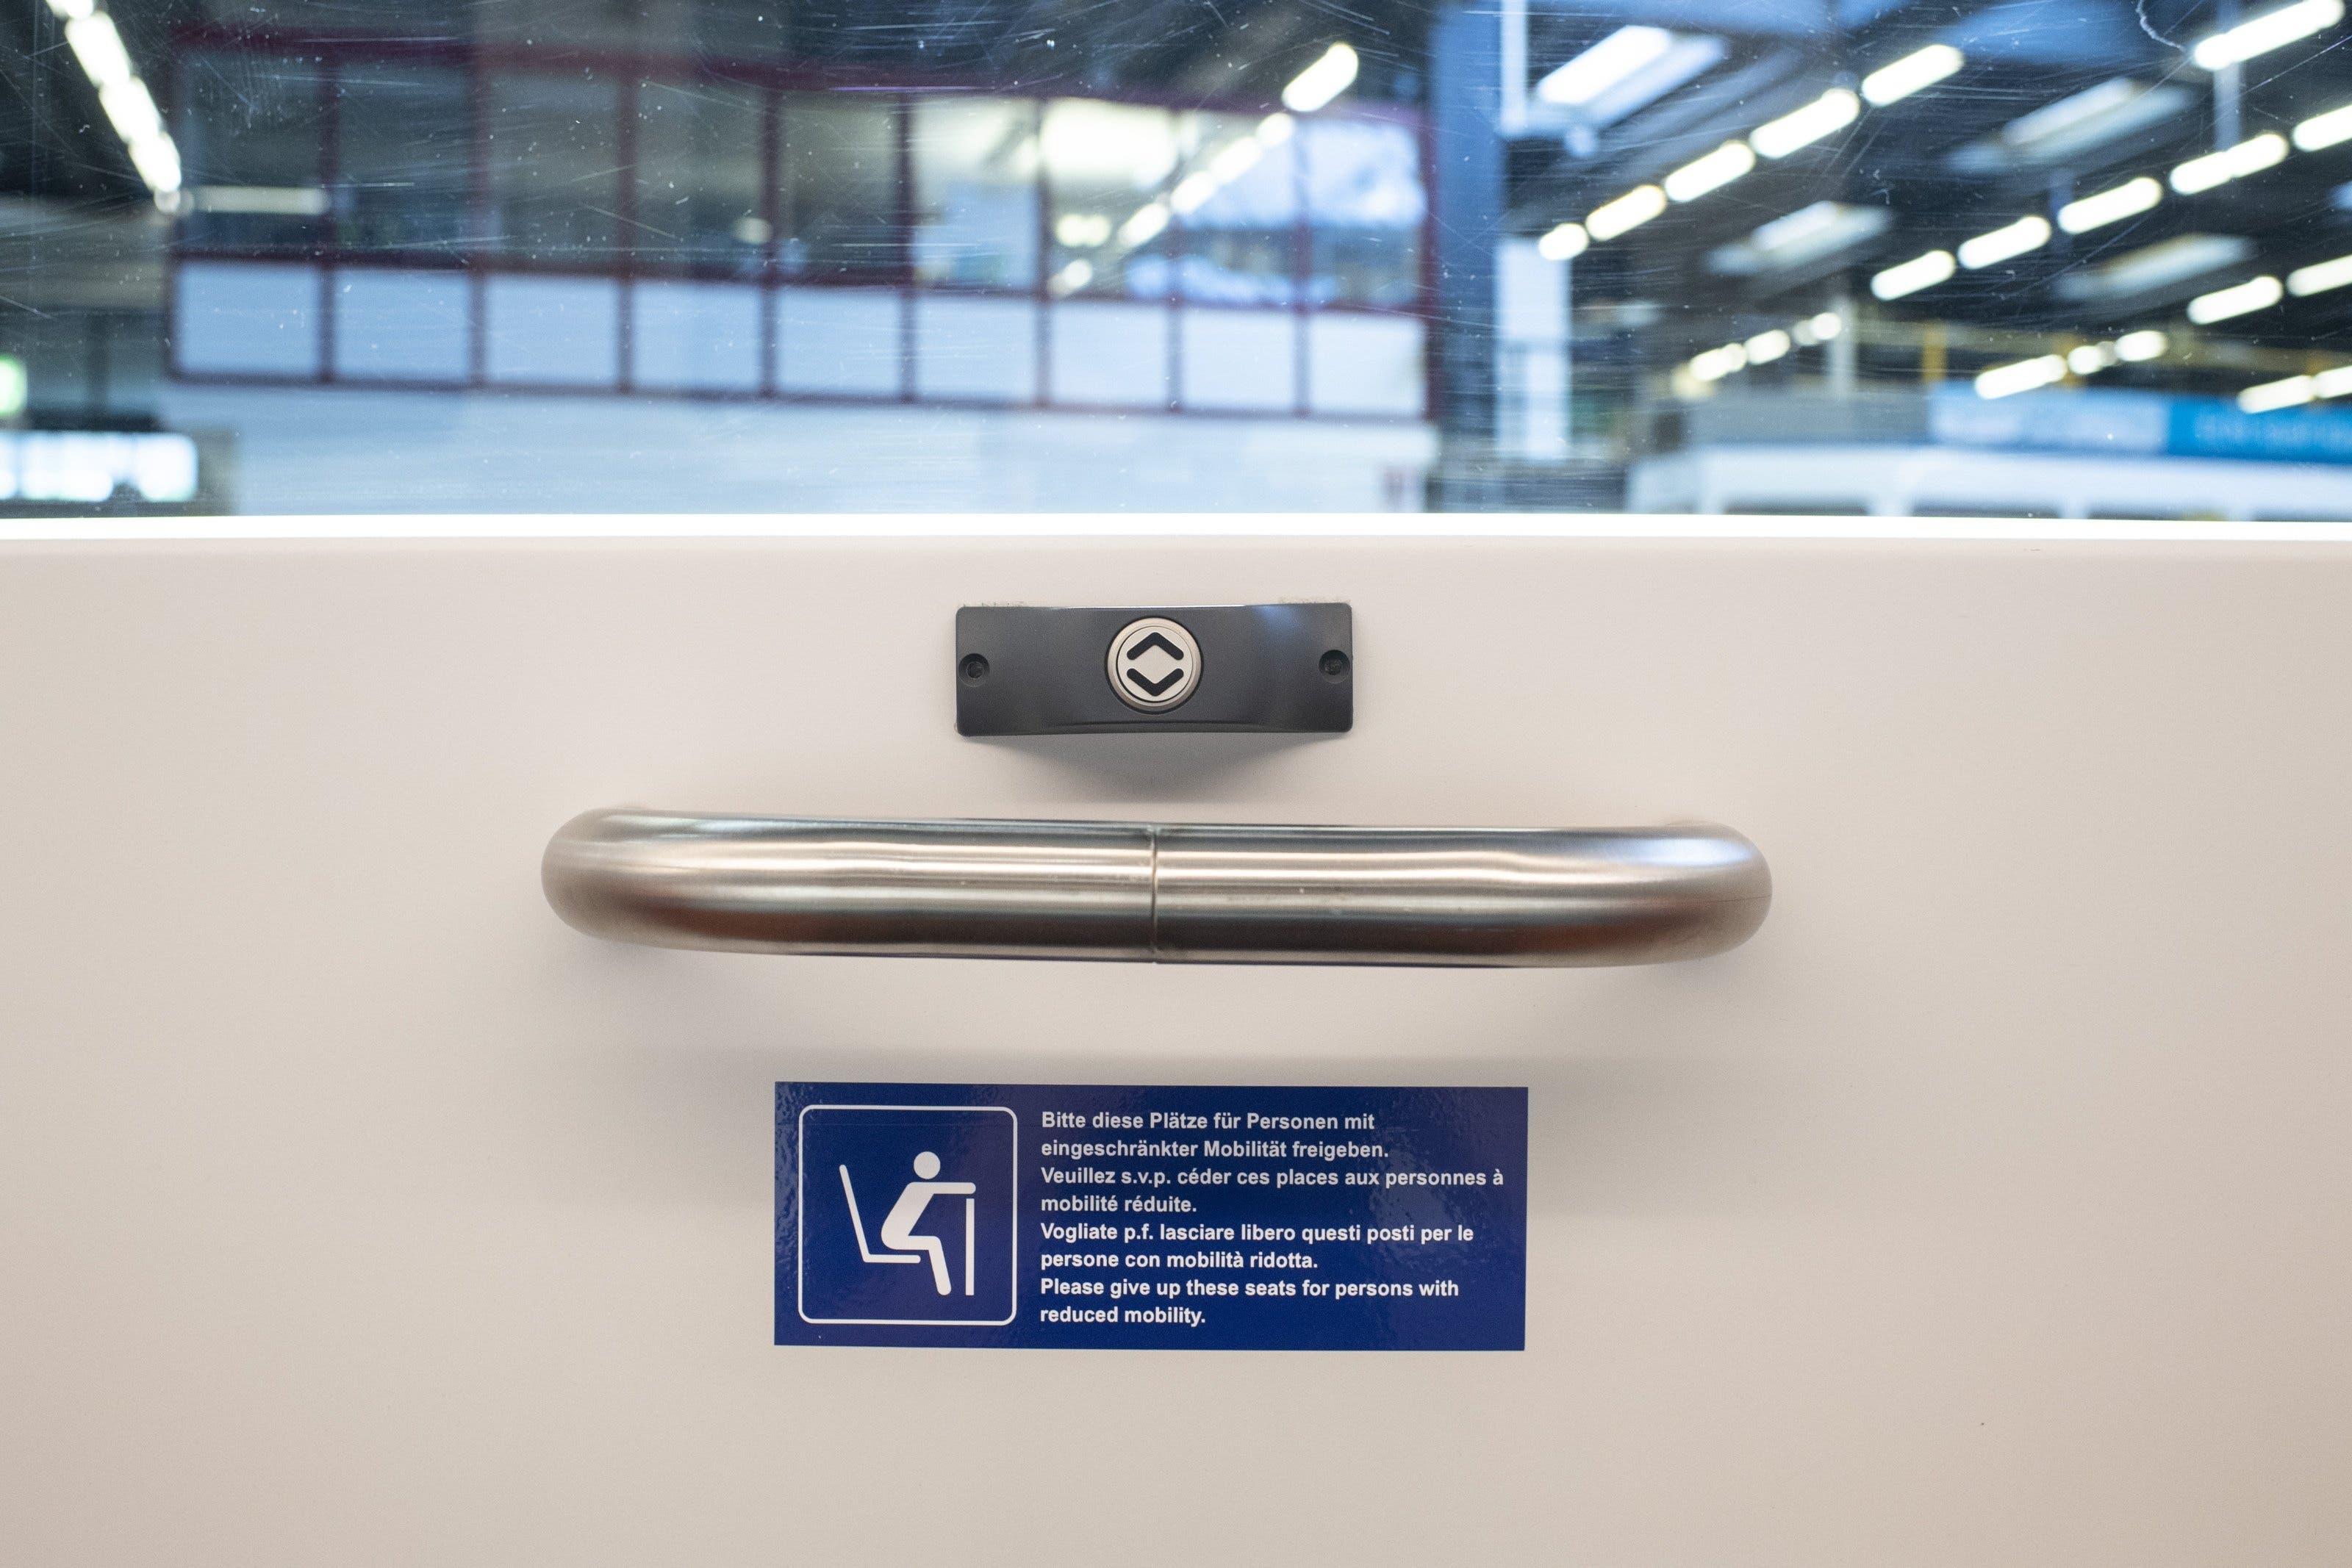 Die neuen Trams sollen helfen, das bevorstehende Mobilitätswachstum in der Stadt Zürich zu bewältigen.